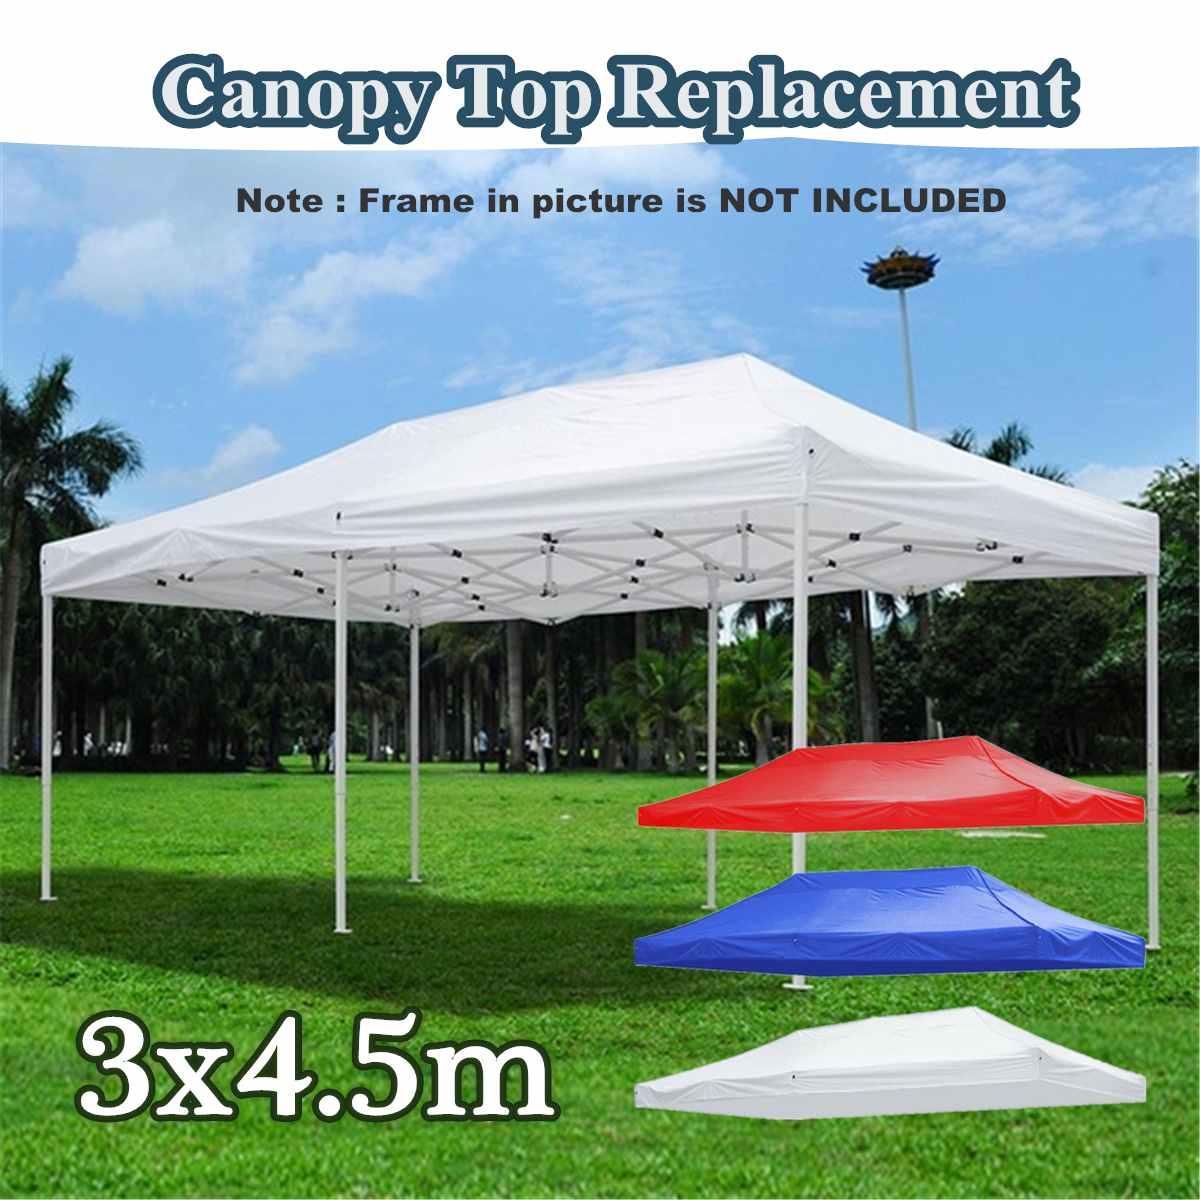 New 3x4.5m Gazebo Tents…